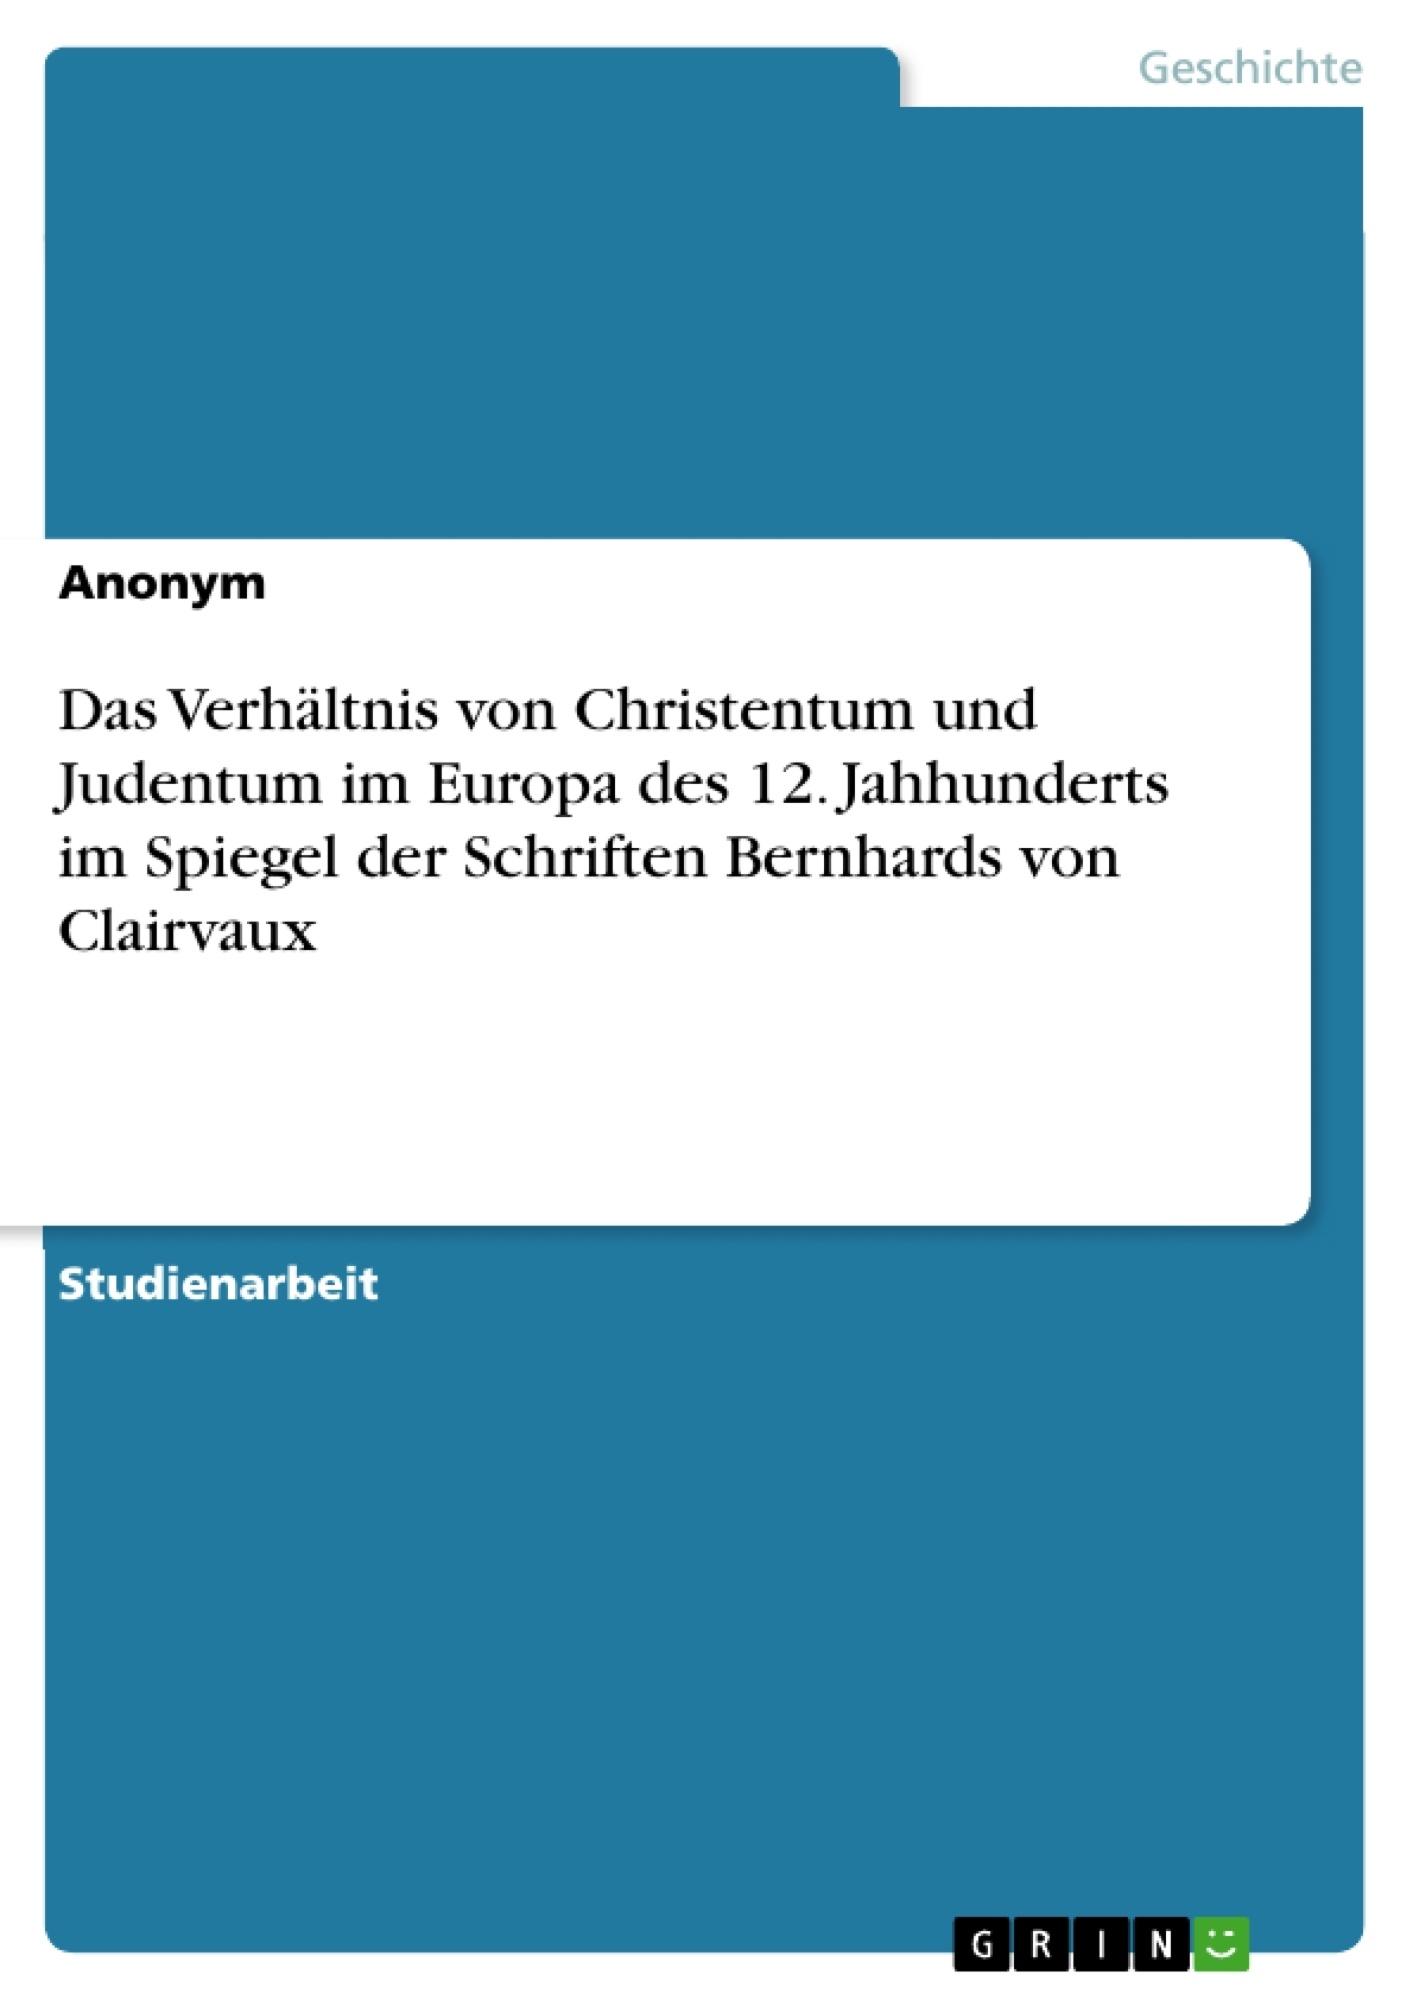 Titel: Das Verhältnis von Christentum und Judentum im Europa des 12. Jahhunderts im Spiegel der Schriften Bernhards von Clairvaux